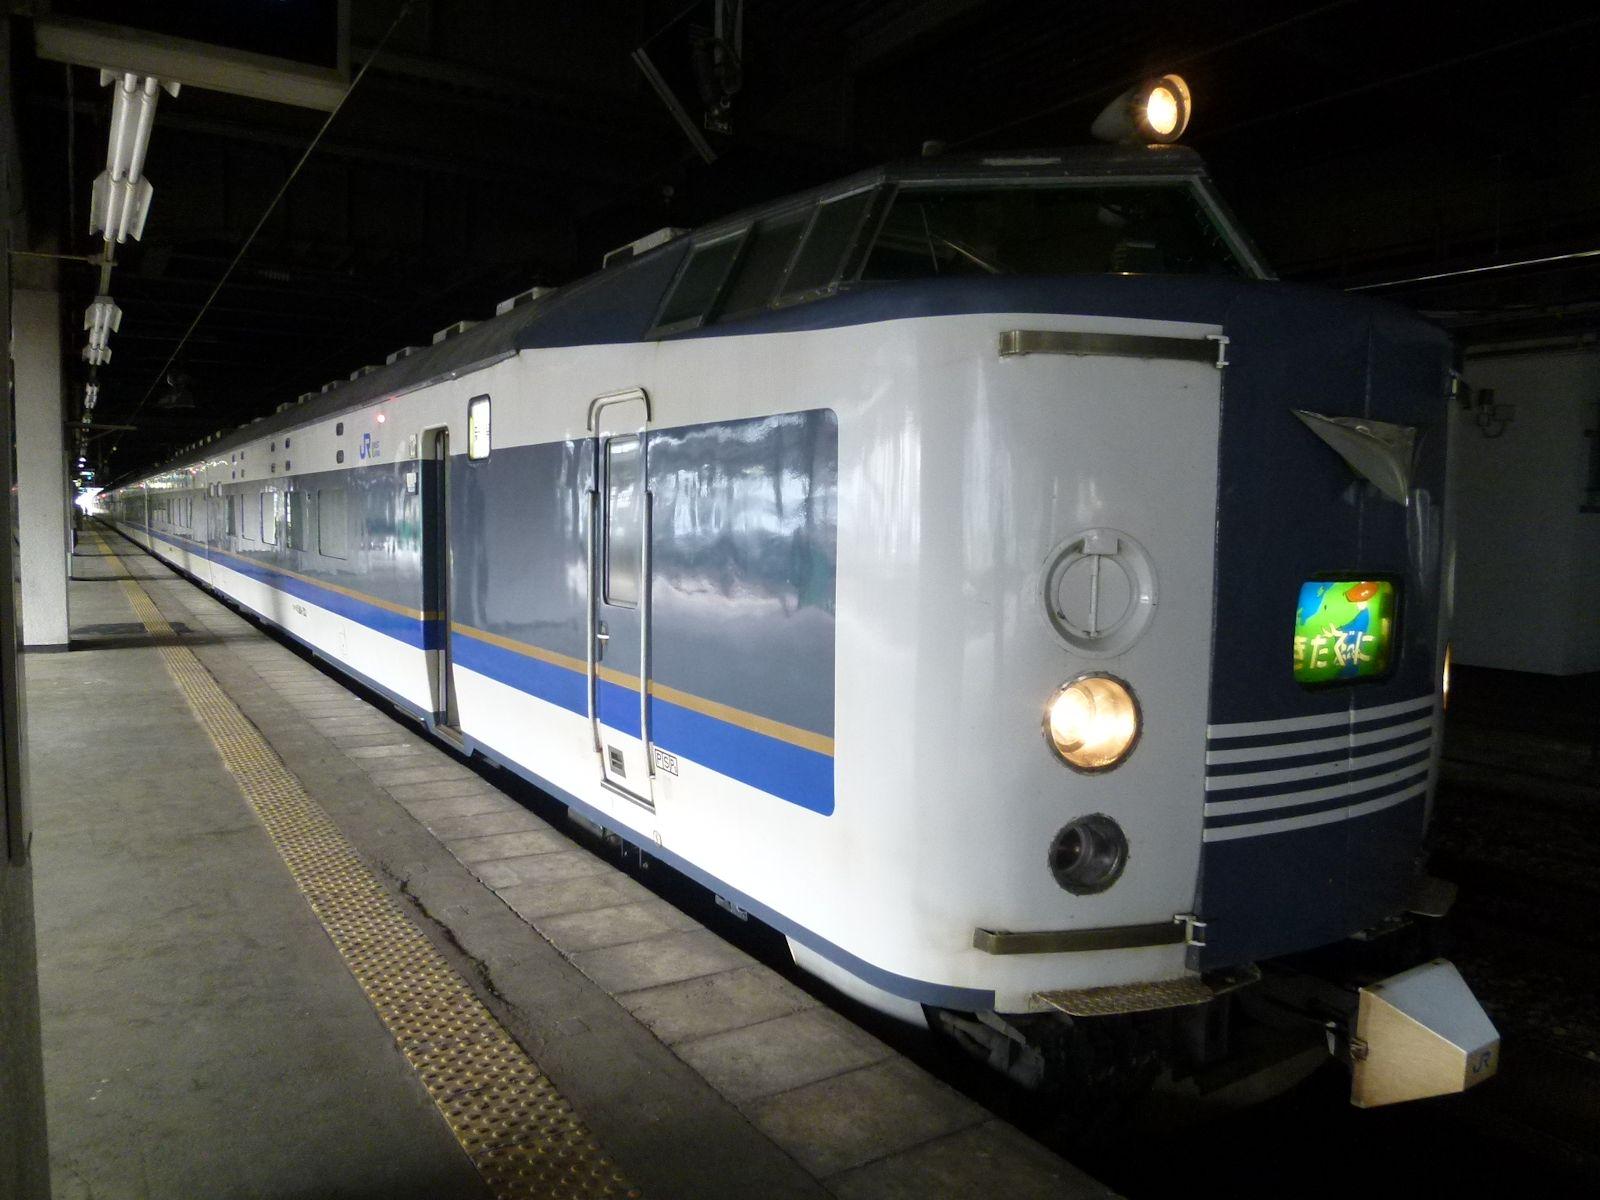 長岡駅停車中の急行きたぐに号(JPG-203k)